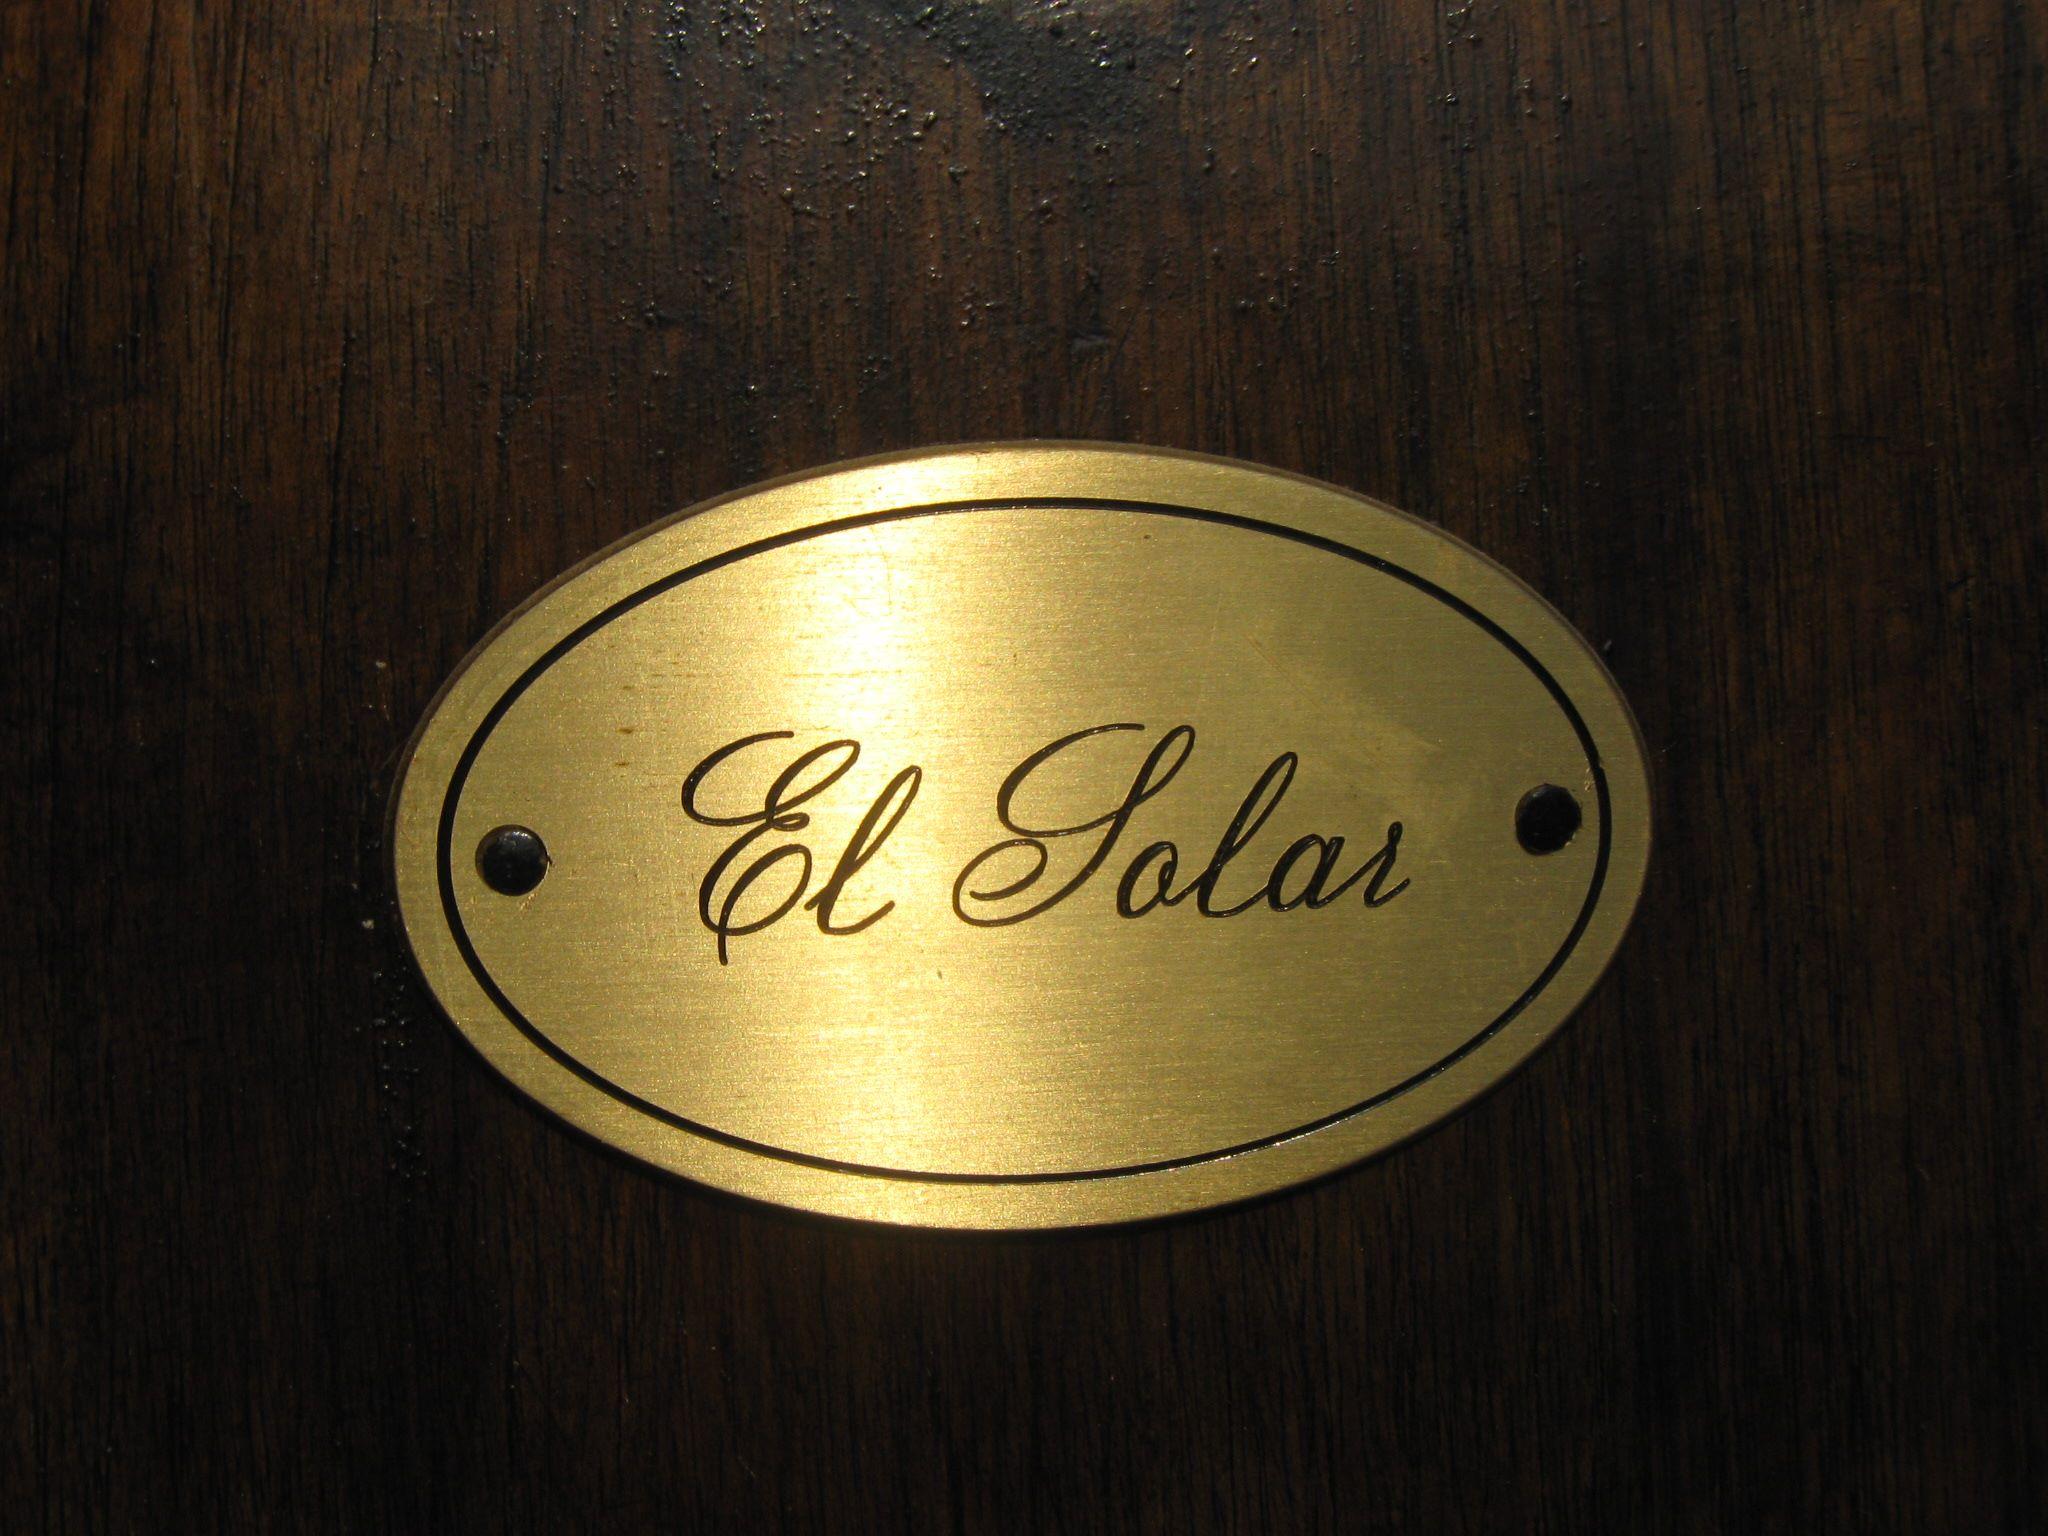 EL SOLAR